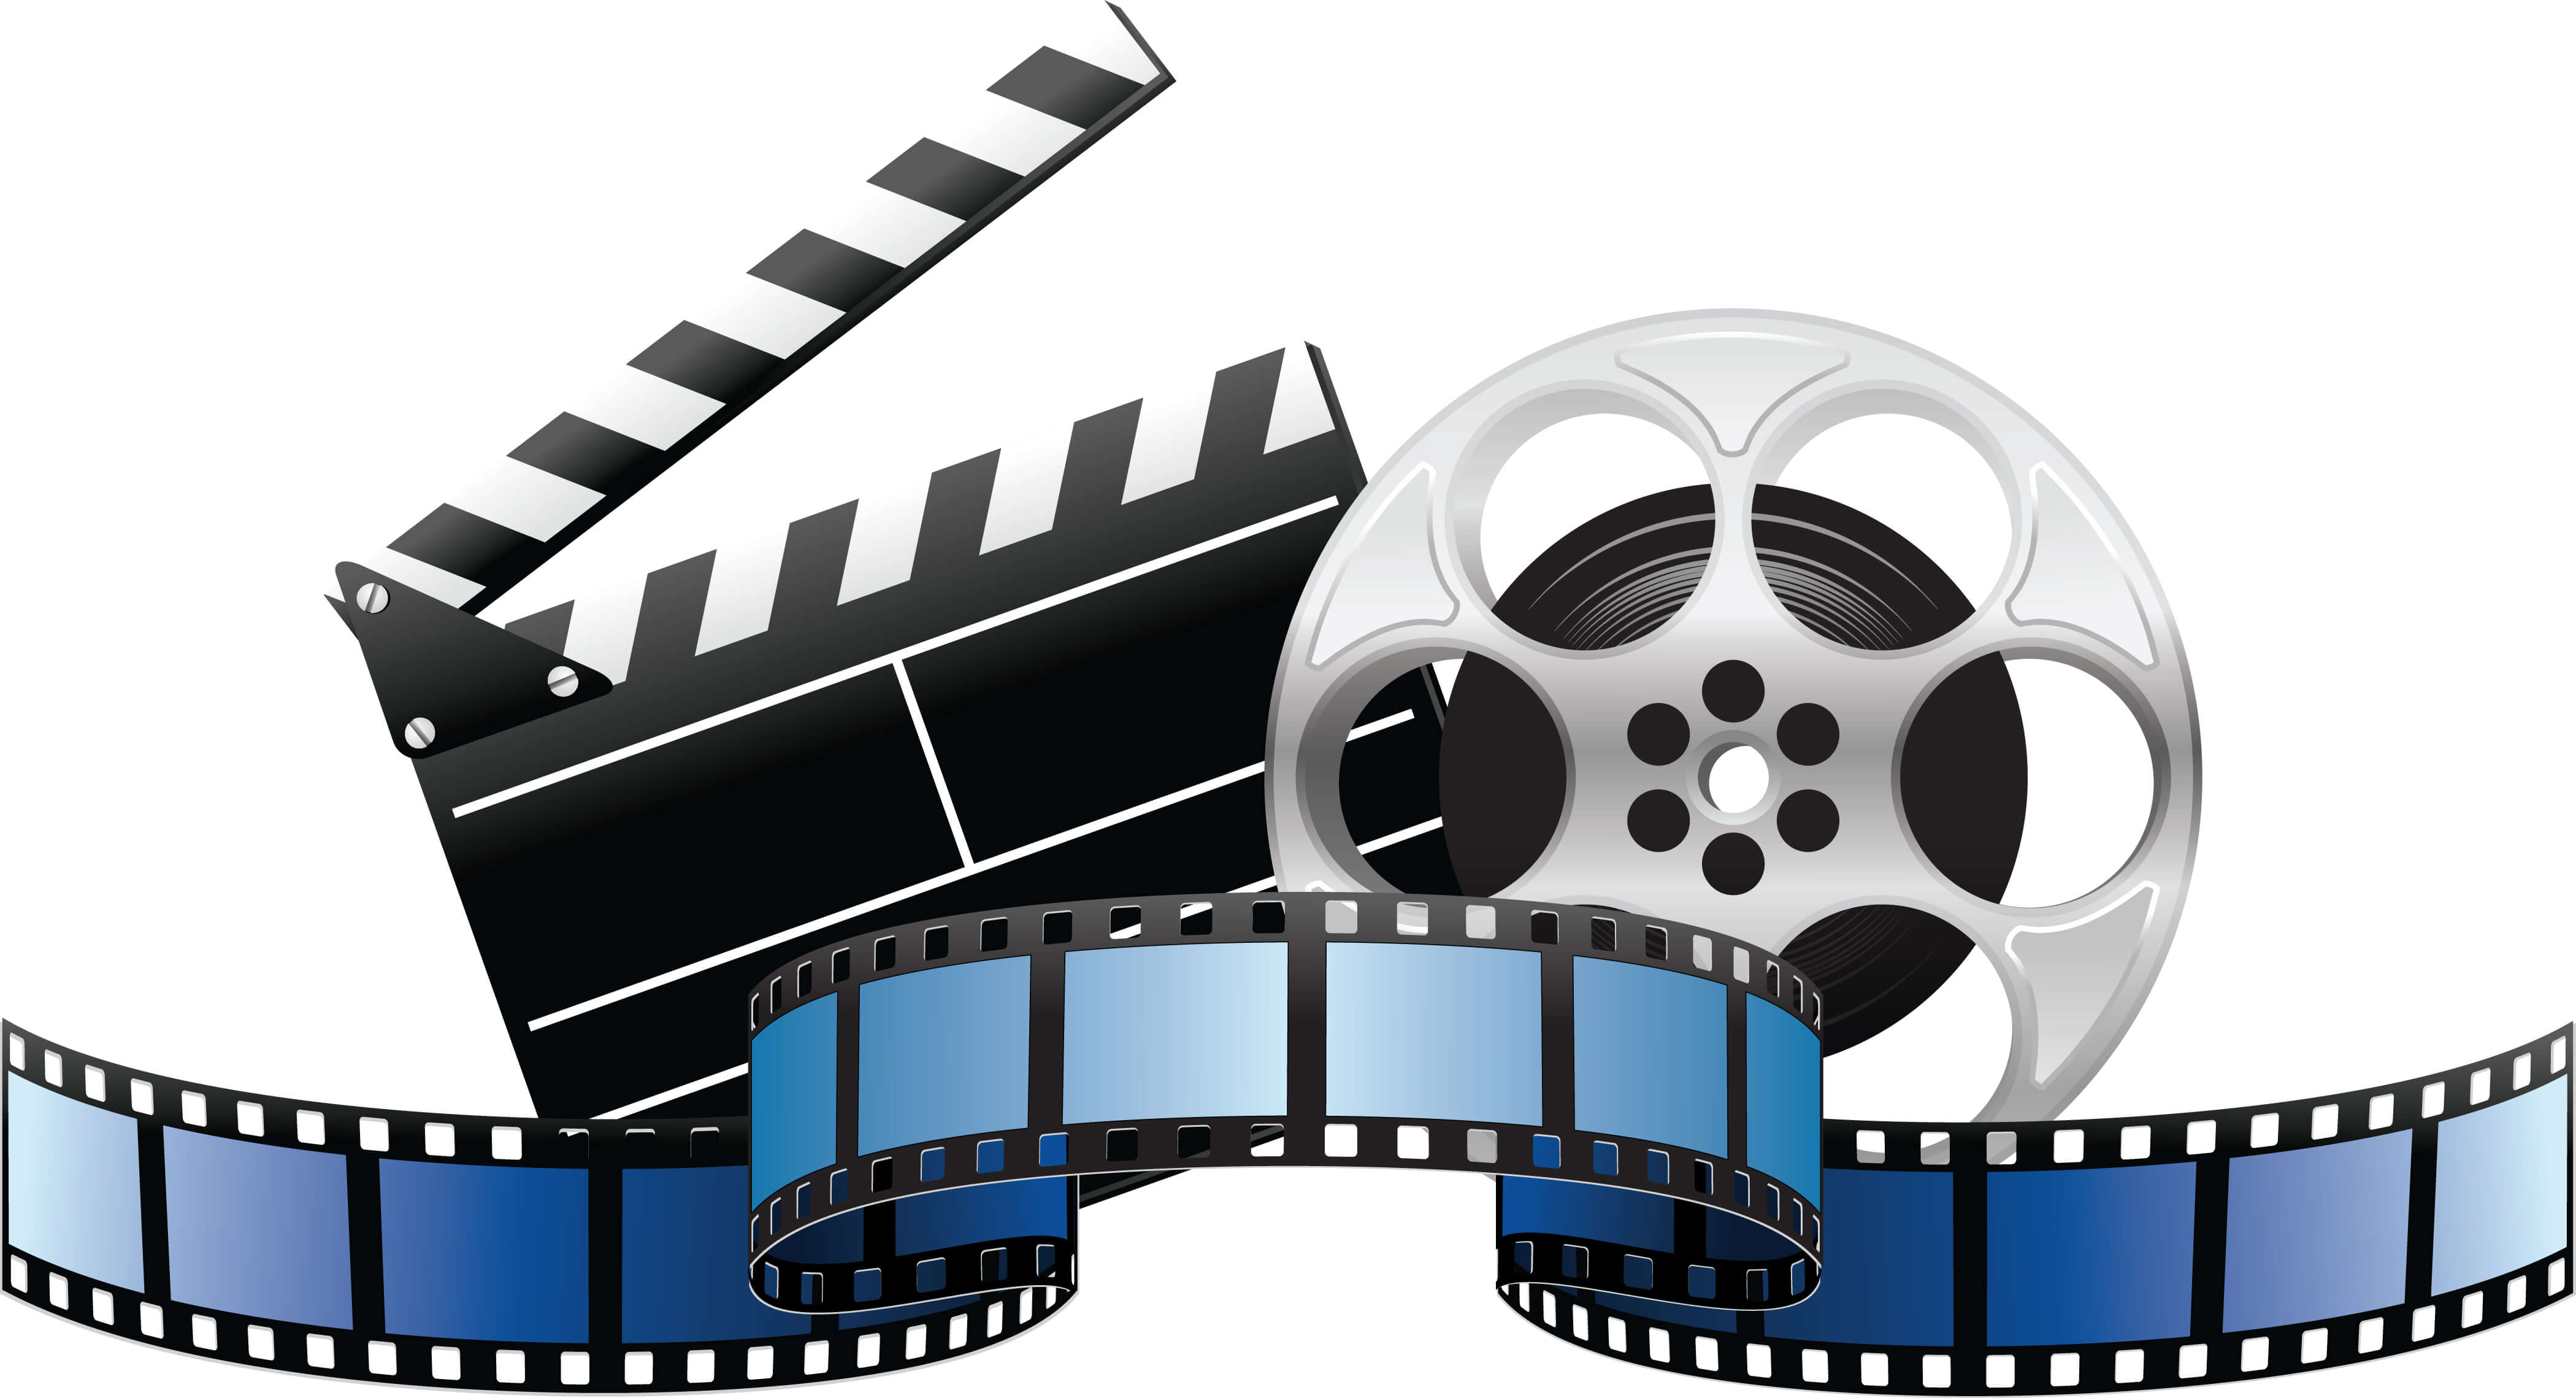 Экранизация ваших курсов: видеоучебник - инструмент преподавателя XXI века